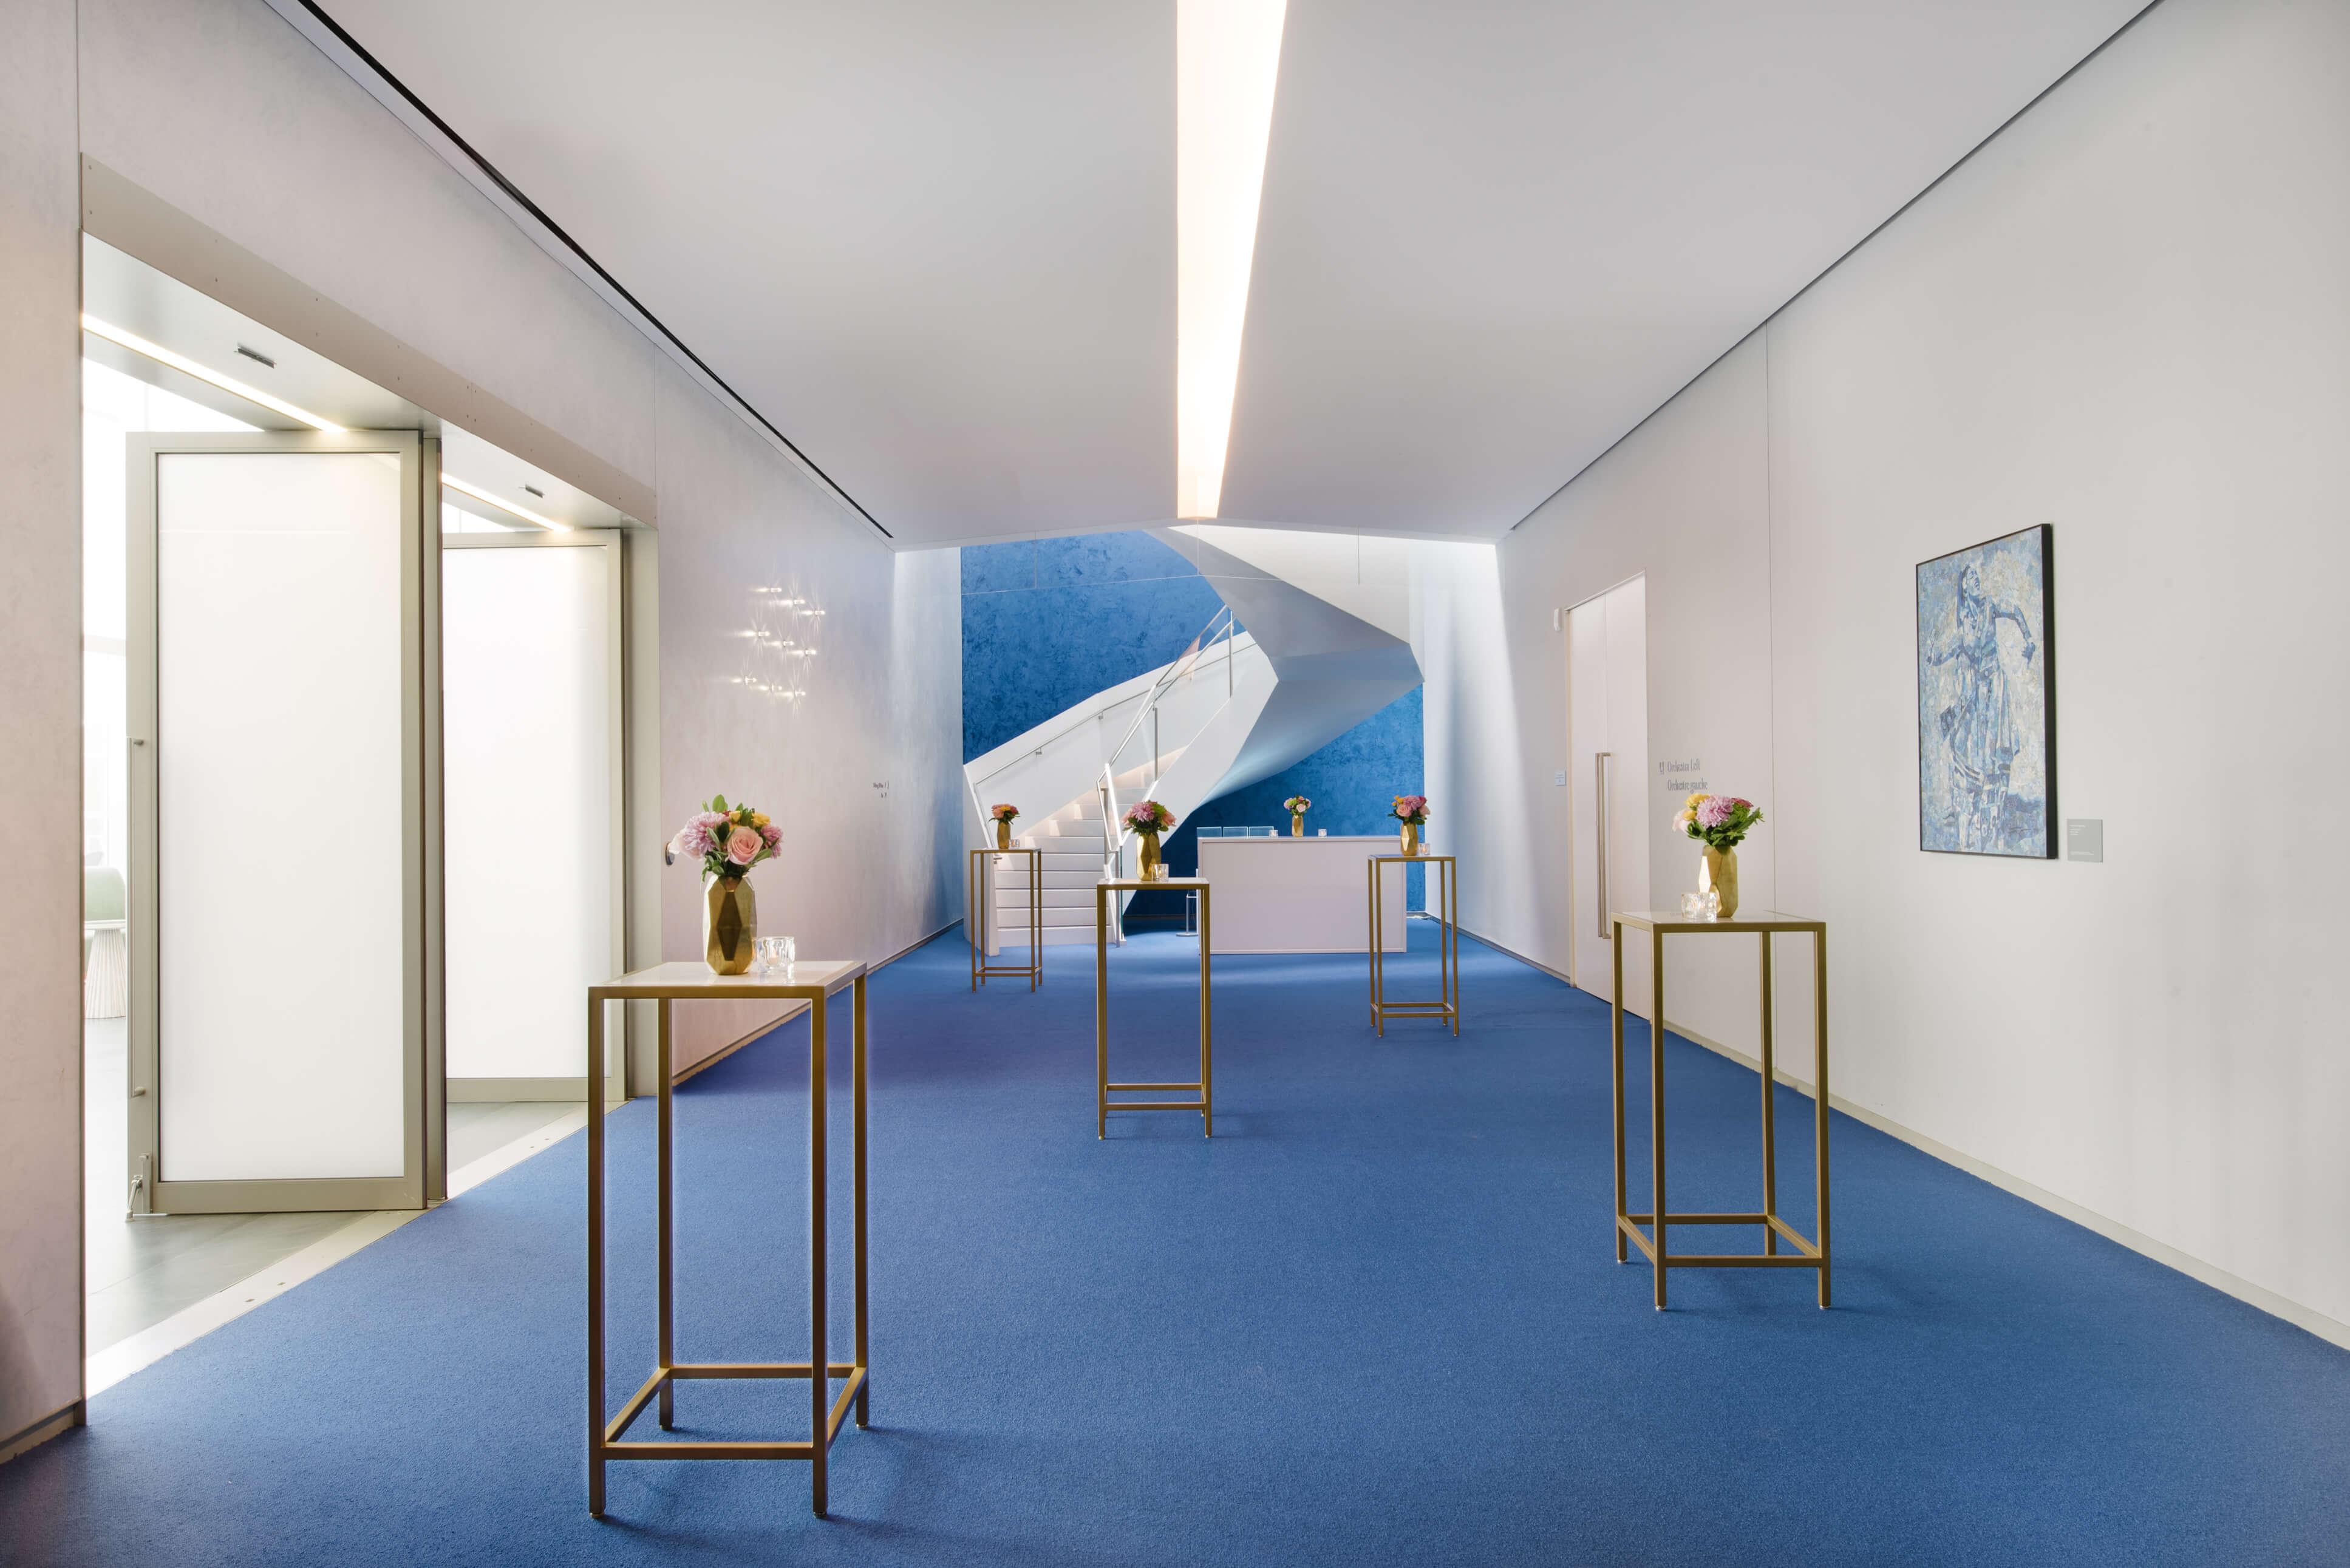 interior design show toronto 2019 hours october